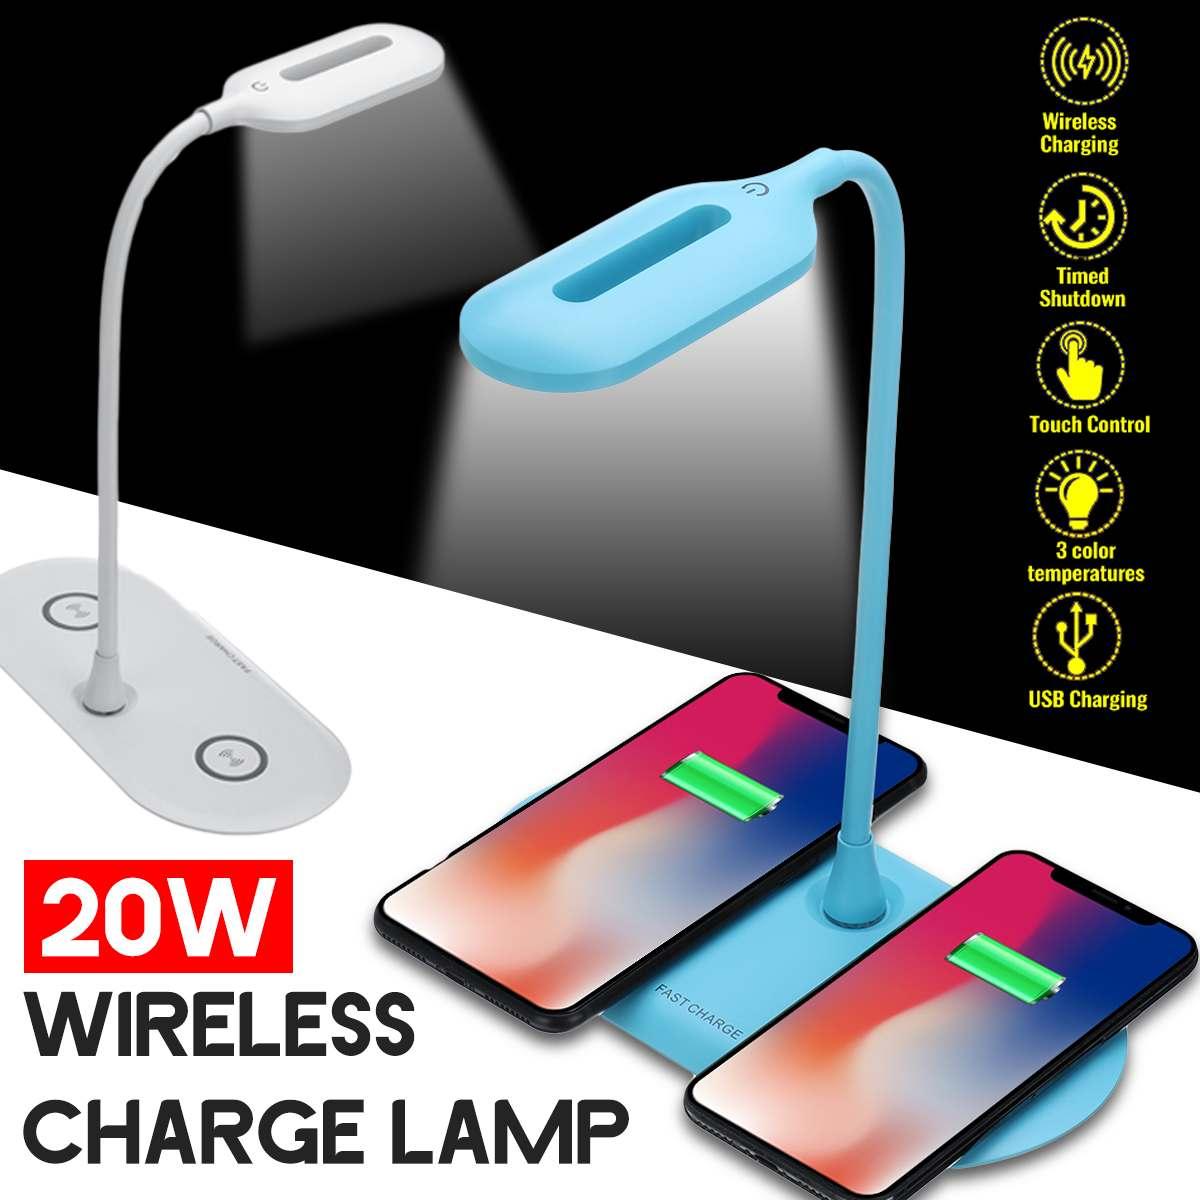 Lámpara de escritorio LED 20W 2 en 1 lámpara de mesa multifunción ajuste iluminación del hogar carga rápida cargador inalámbrico 10W Power Qi inalámbrico